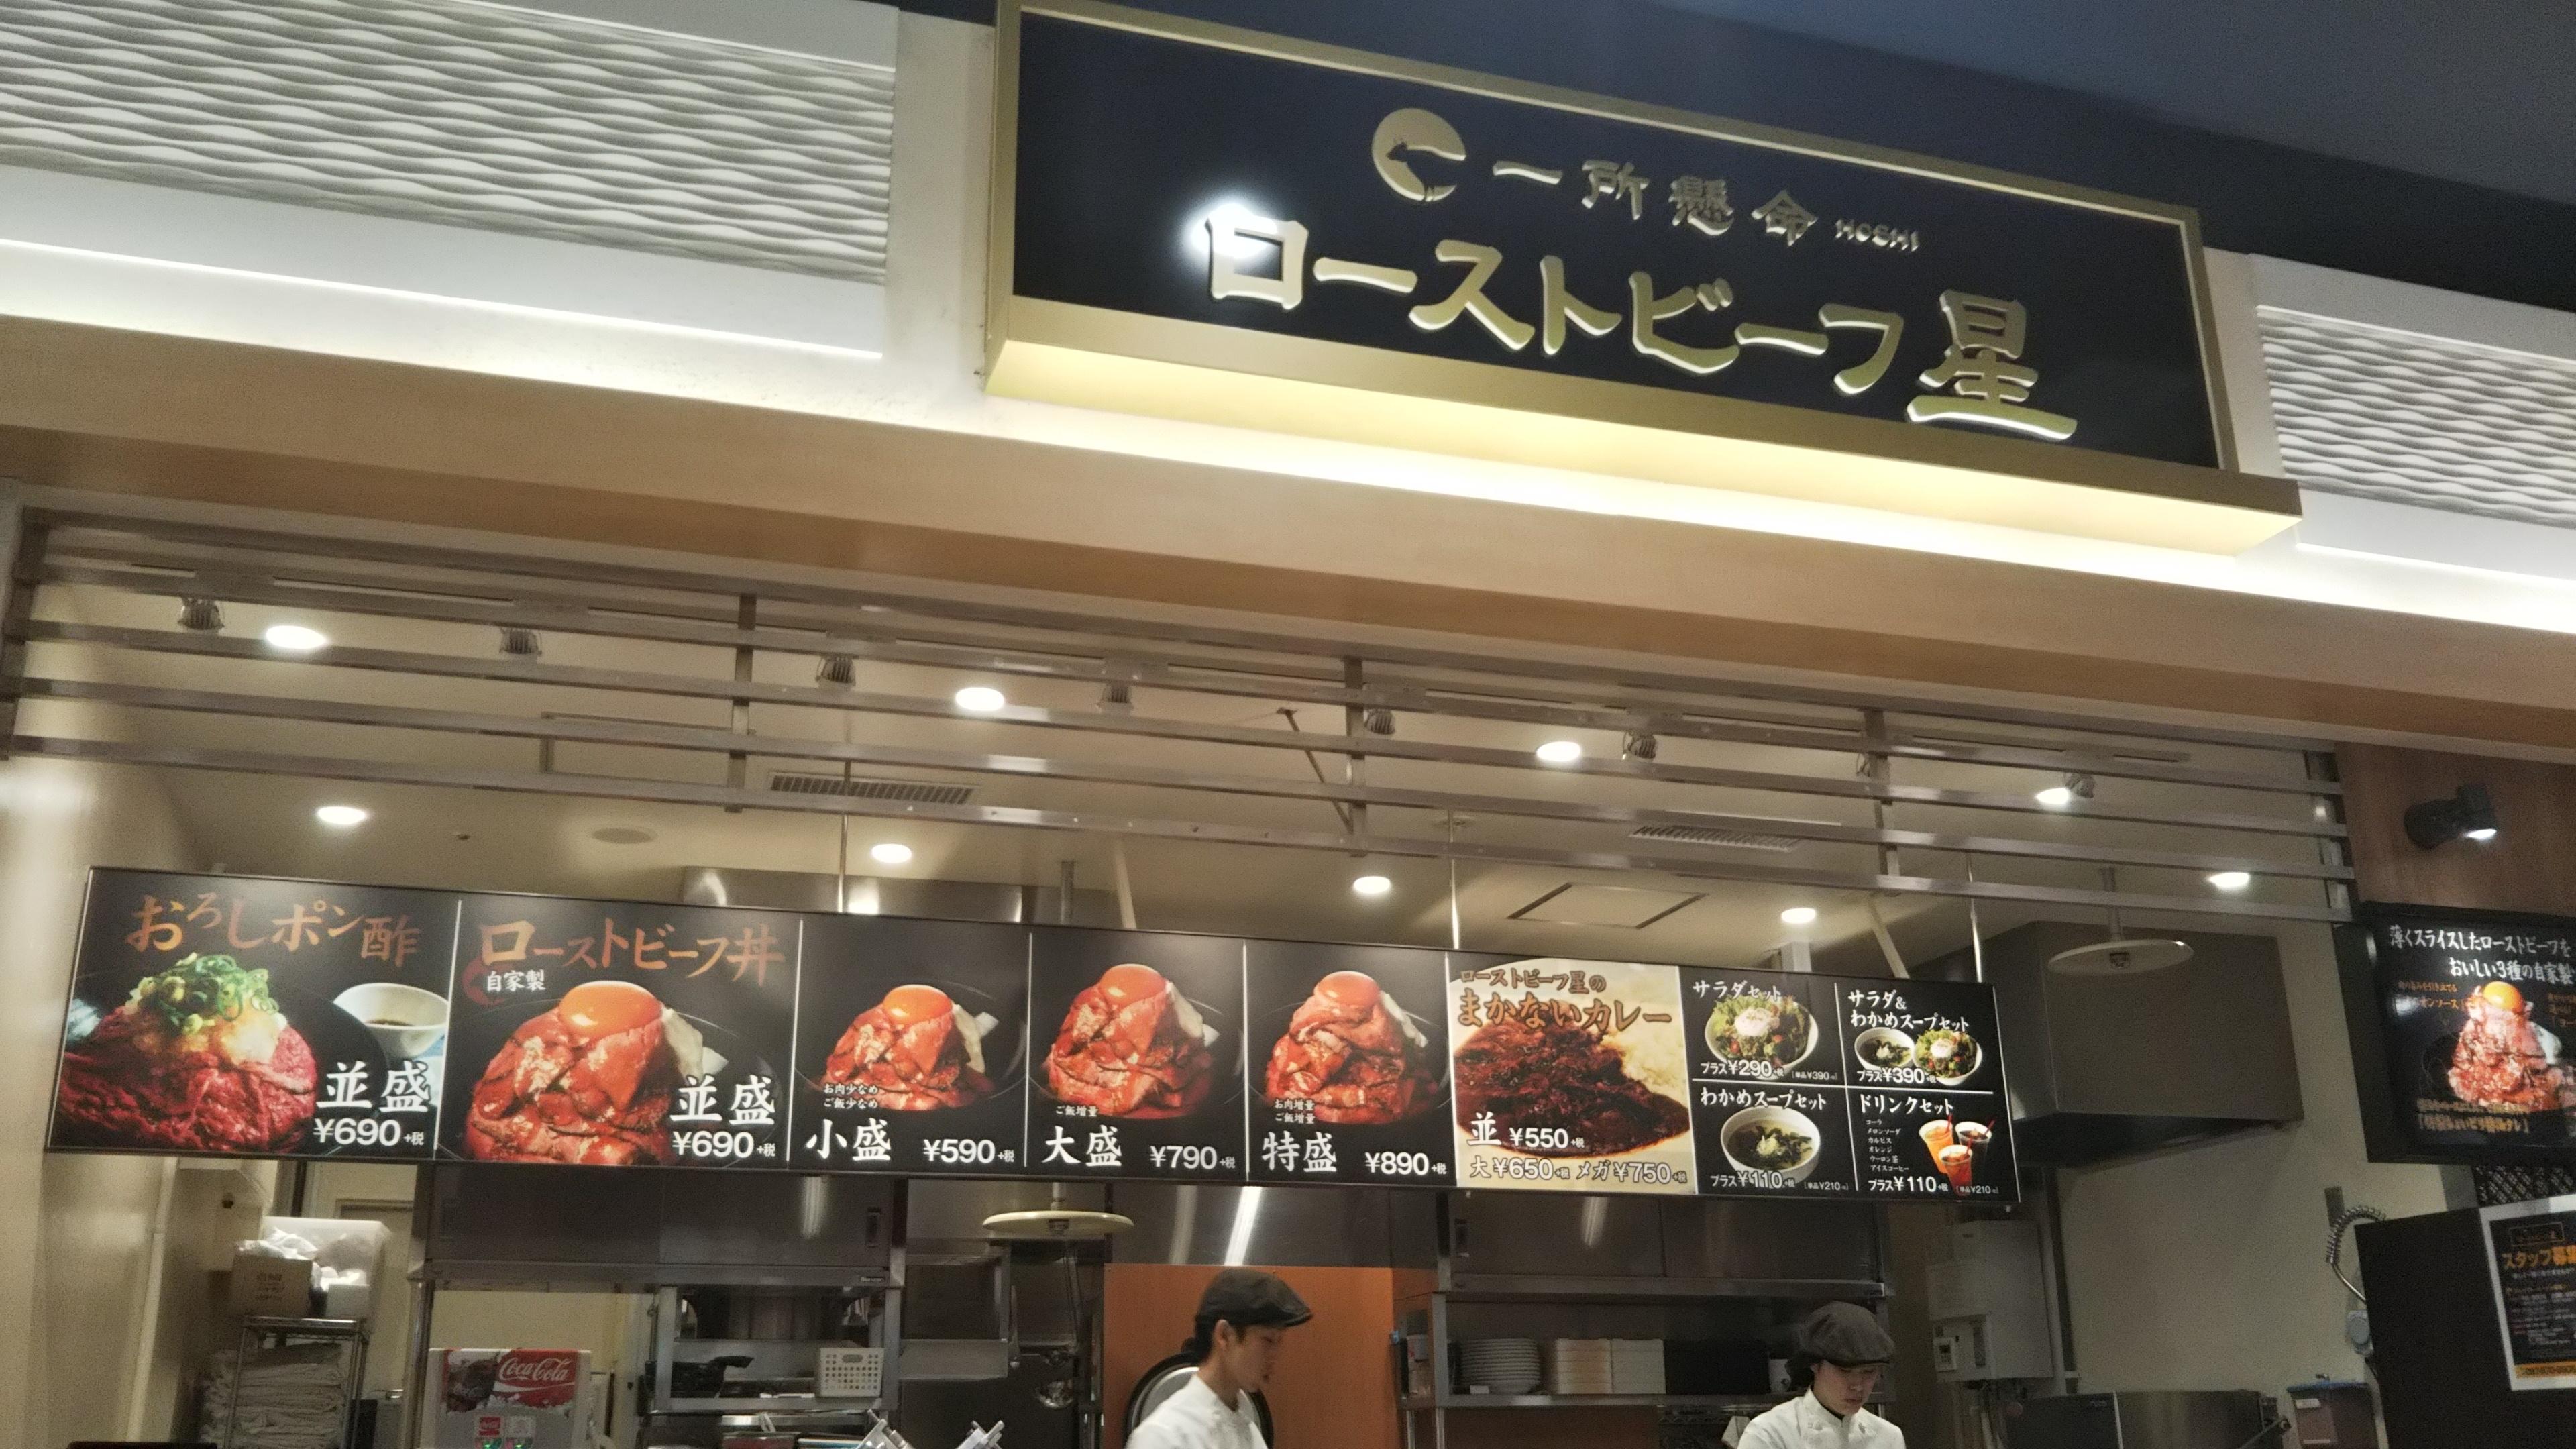 綾川町のイオンモール綾川の美味しすぎるローストビーフ星